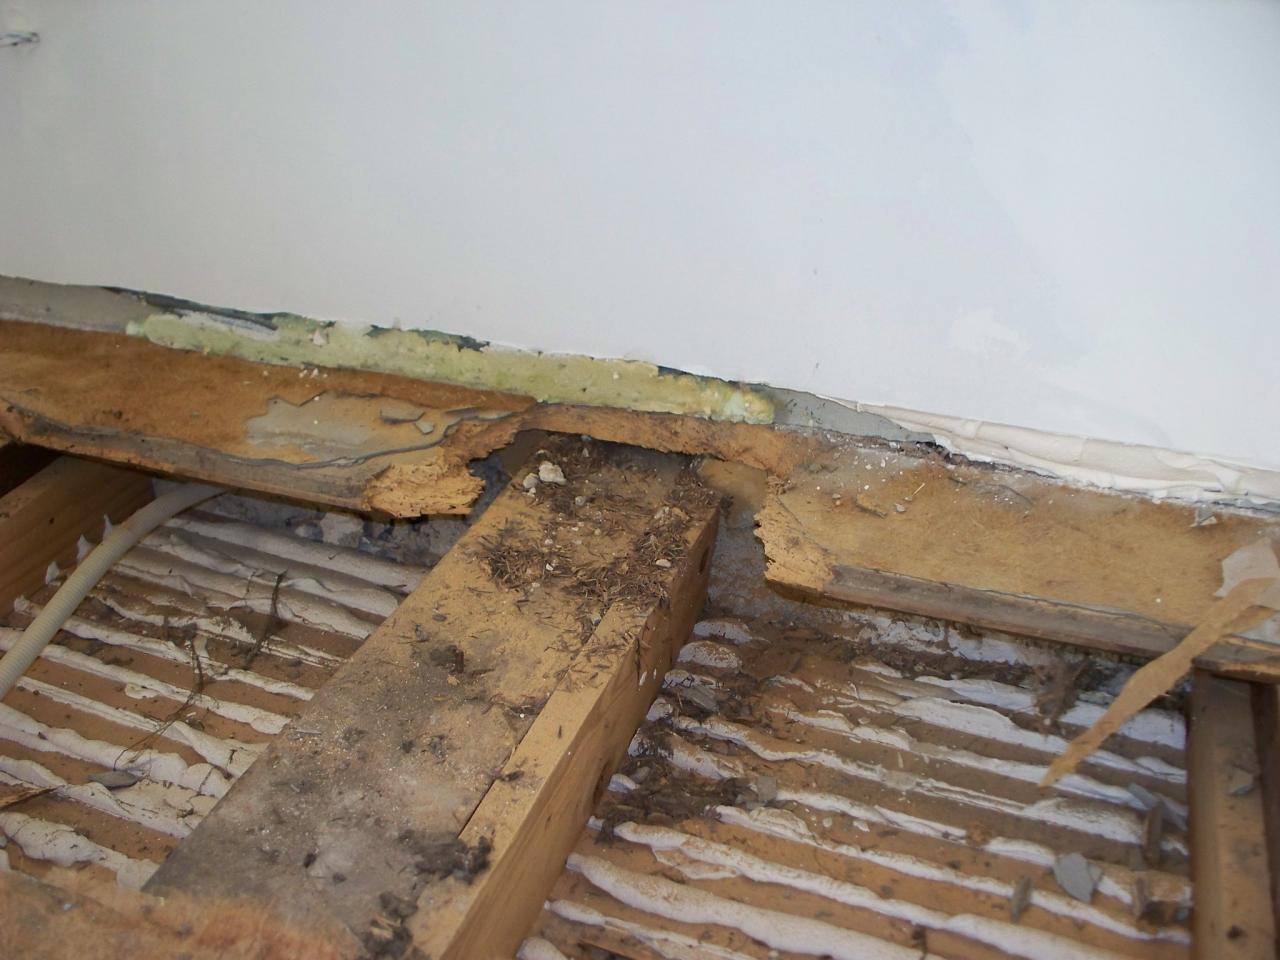 Changer plancher remettre les solives niveau - Refaire un plancher sur plancher existant ...